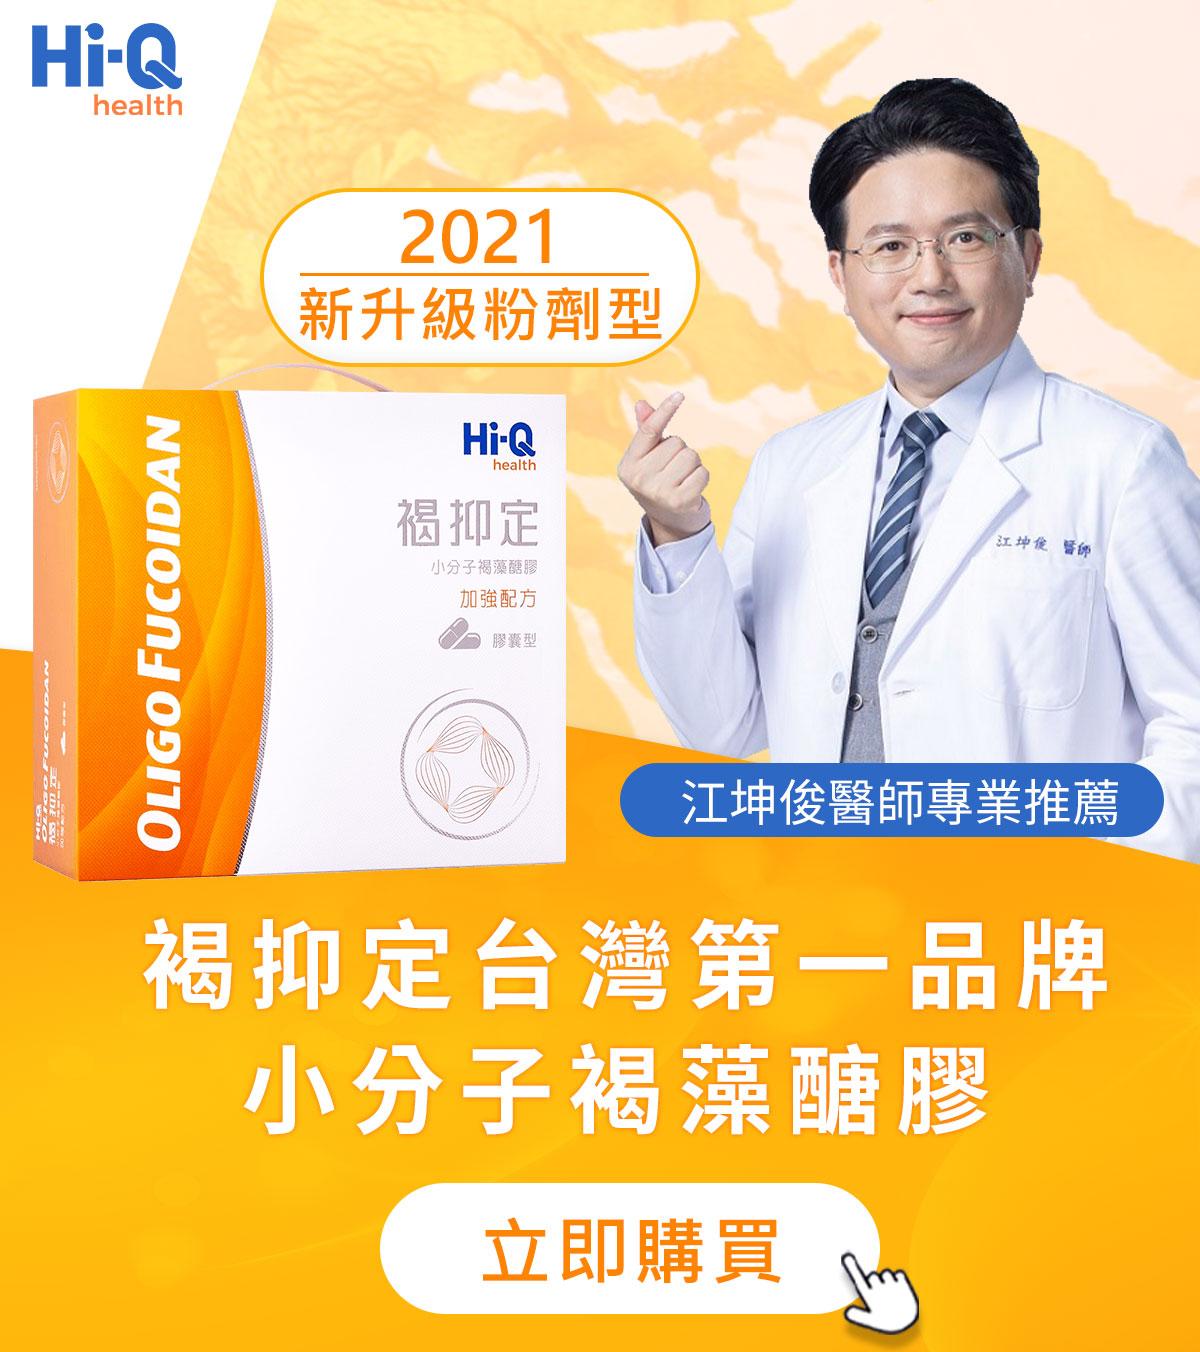 2021褐抑定褐藻醣膠-最新升級粉劑型效果最好-江坤俊醫師推薦-健康優先-免付費專線0800-800-924